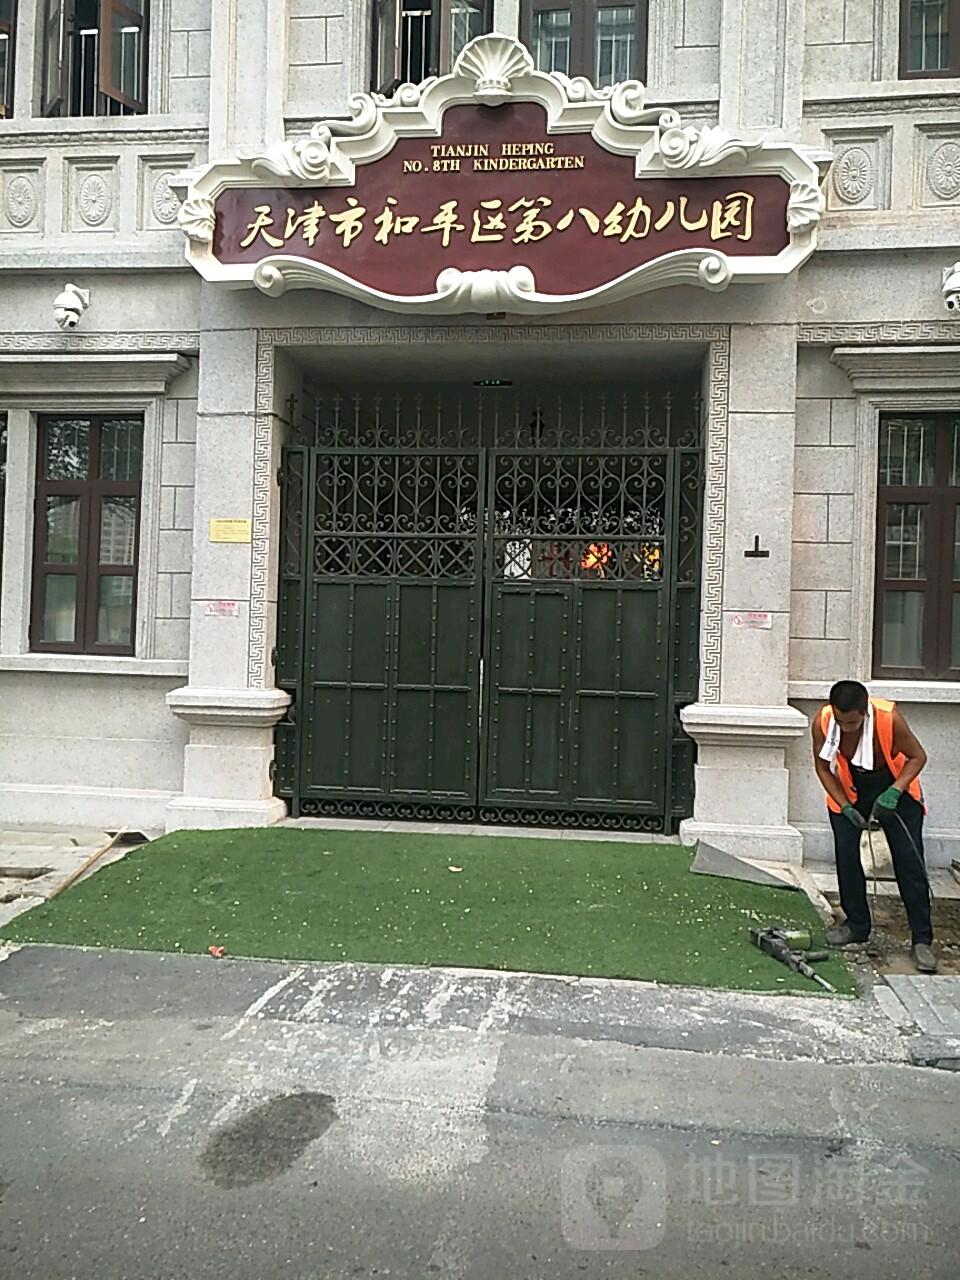 天津市和平区第八幼儿园